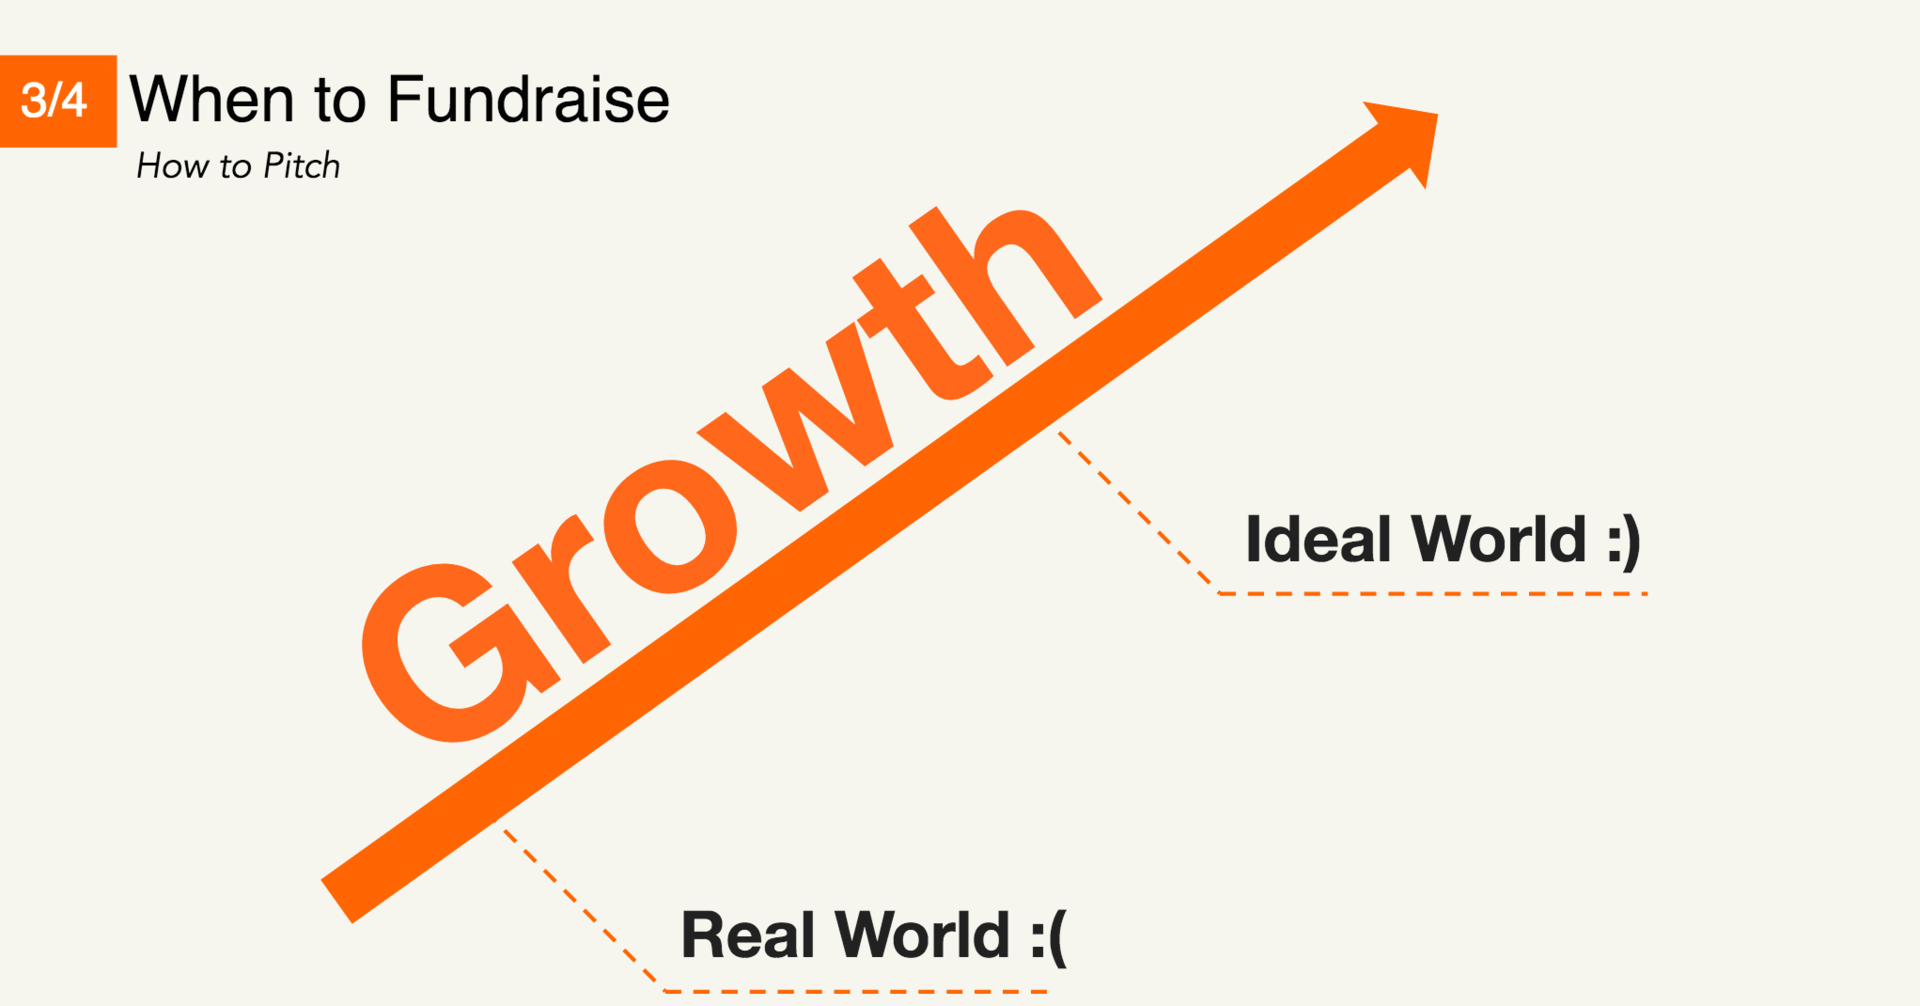 Инвестиции: Как убедить инвестора и получить финансирование - 4